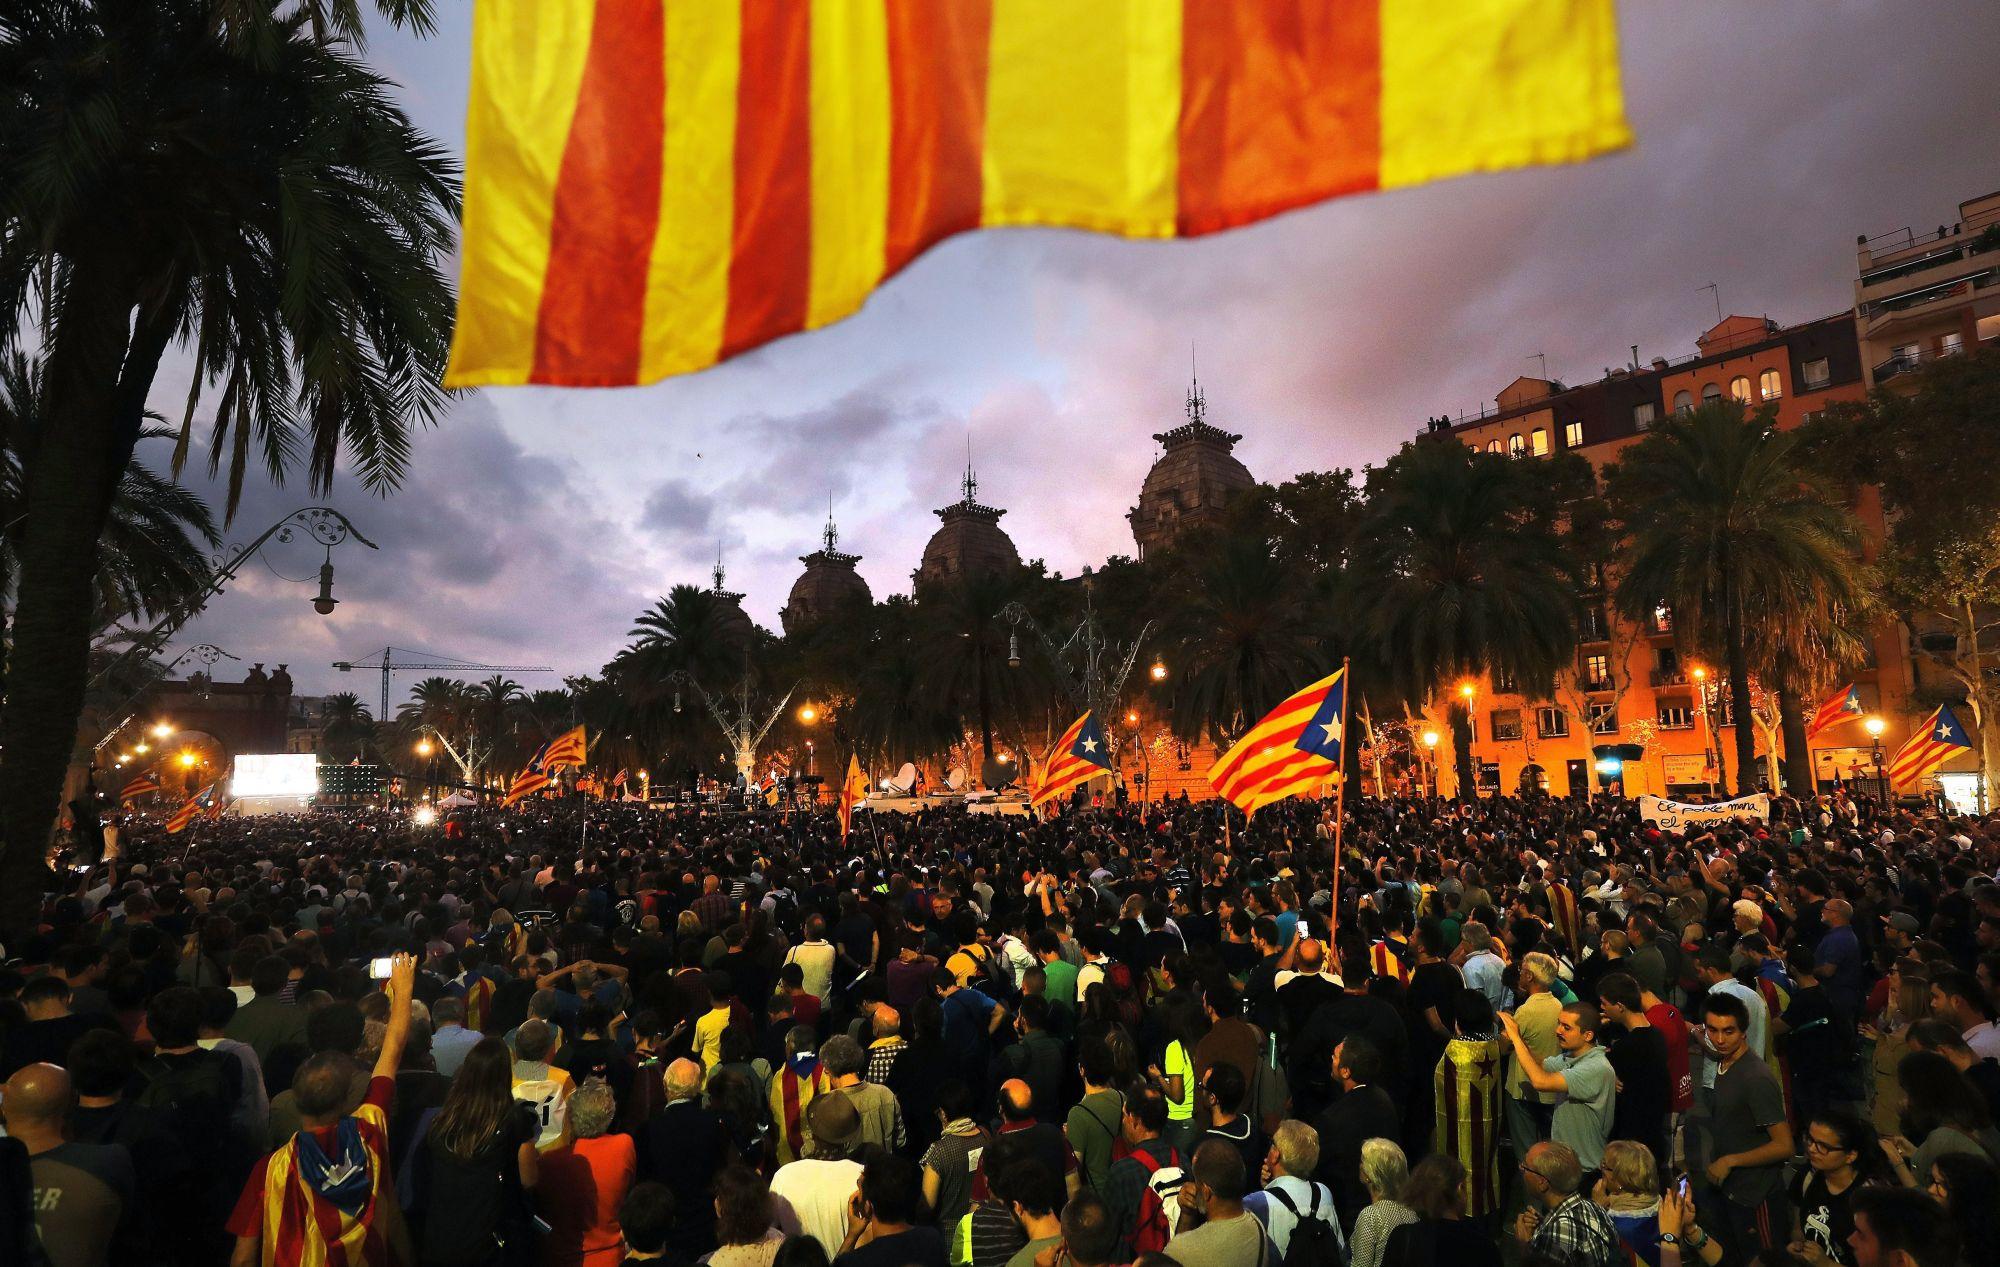 Barcelona, 2017. október 11. Függetlenségpárti tüntetők a parlament épületénél Barcelonában 2017. október 10-én, miután Carles Puigdemont katalán elnök aláírta a Katalónia felfüggesztett függetlenségi nyilatkozatáról szóló dokumentumot. A katalán kormány október 1-jén annak ellenére rendezte meg a Spanyolországtól való elszakadásról szóló függetlenségi népszavazást, hogy a spanyol alkotmánybíróság korábban minden, erre irányuló törekvést alkotmányellenesnek nyilvánított.  (MTI/EPA/Felipe Trueba)